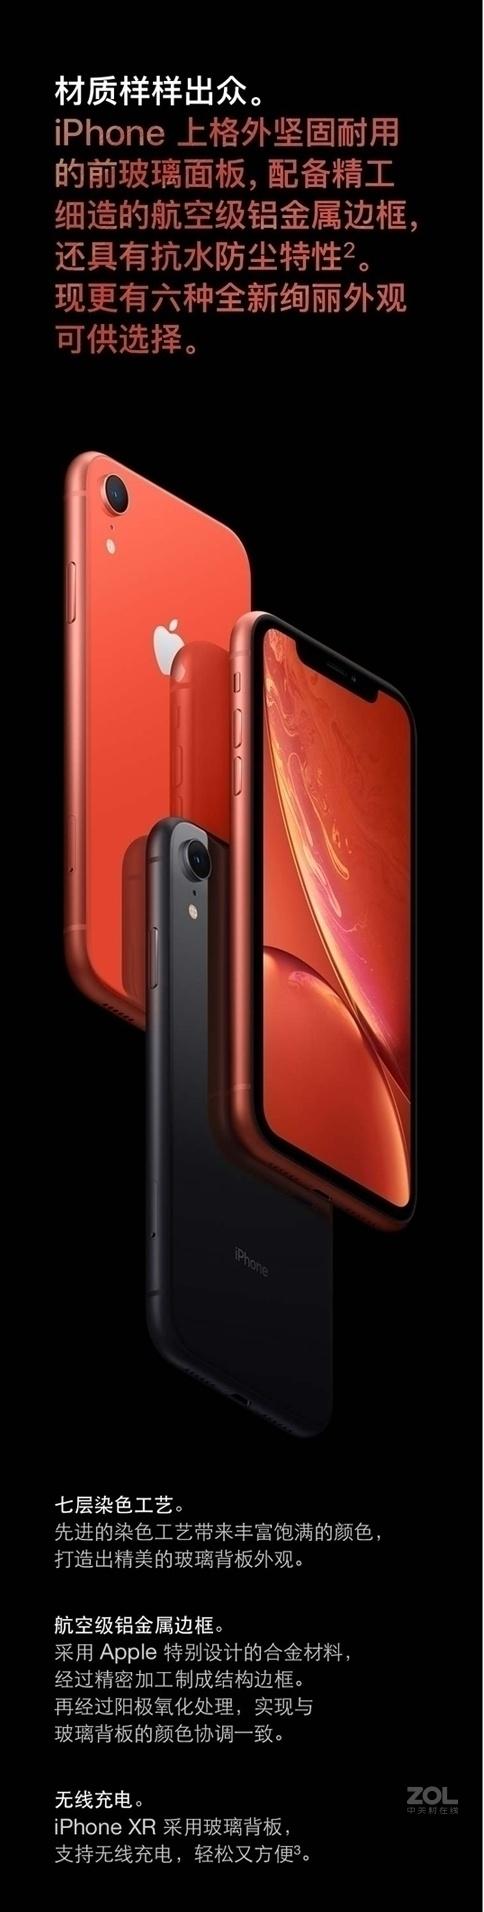 苹果iPhone XR(全网通)评测图解产品亮点图片5